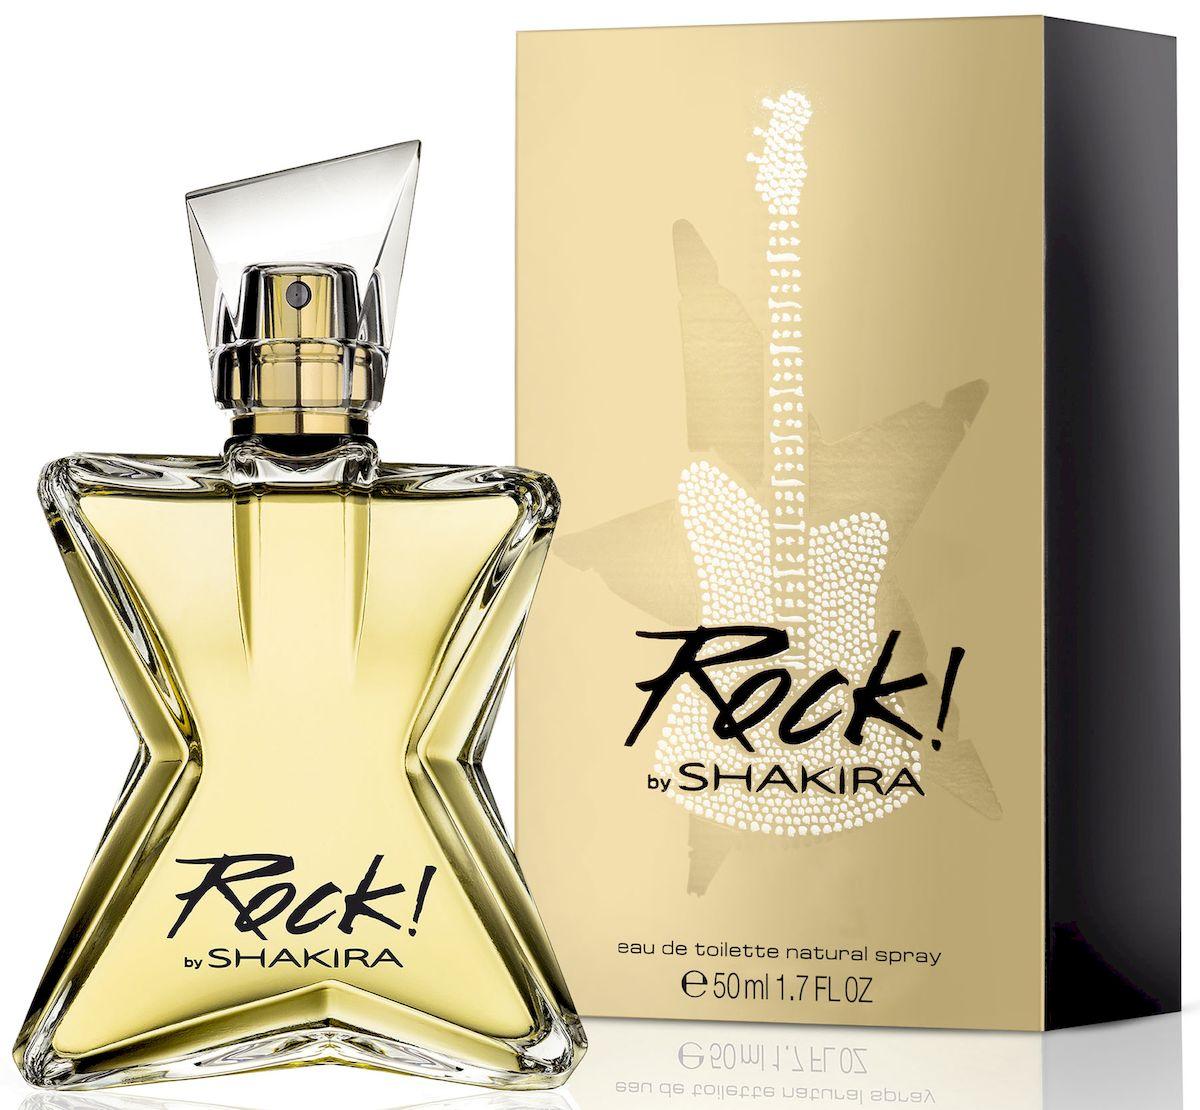 Shakira Rock By Shakira Туалетная вода, женская, 50 мл65085232ПОЧУВСТВУЙ ROCK! «Мой новый аромат — это отражение самой смелой черты моего характера и музыки, которая вдохновляет людей по всему миру». Как и музыка певицы, Rock! by Shakira провозглашает свободу. Аромат наполнен невероятными эмоциями и ликованием покло